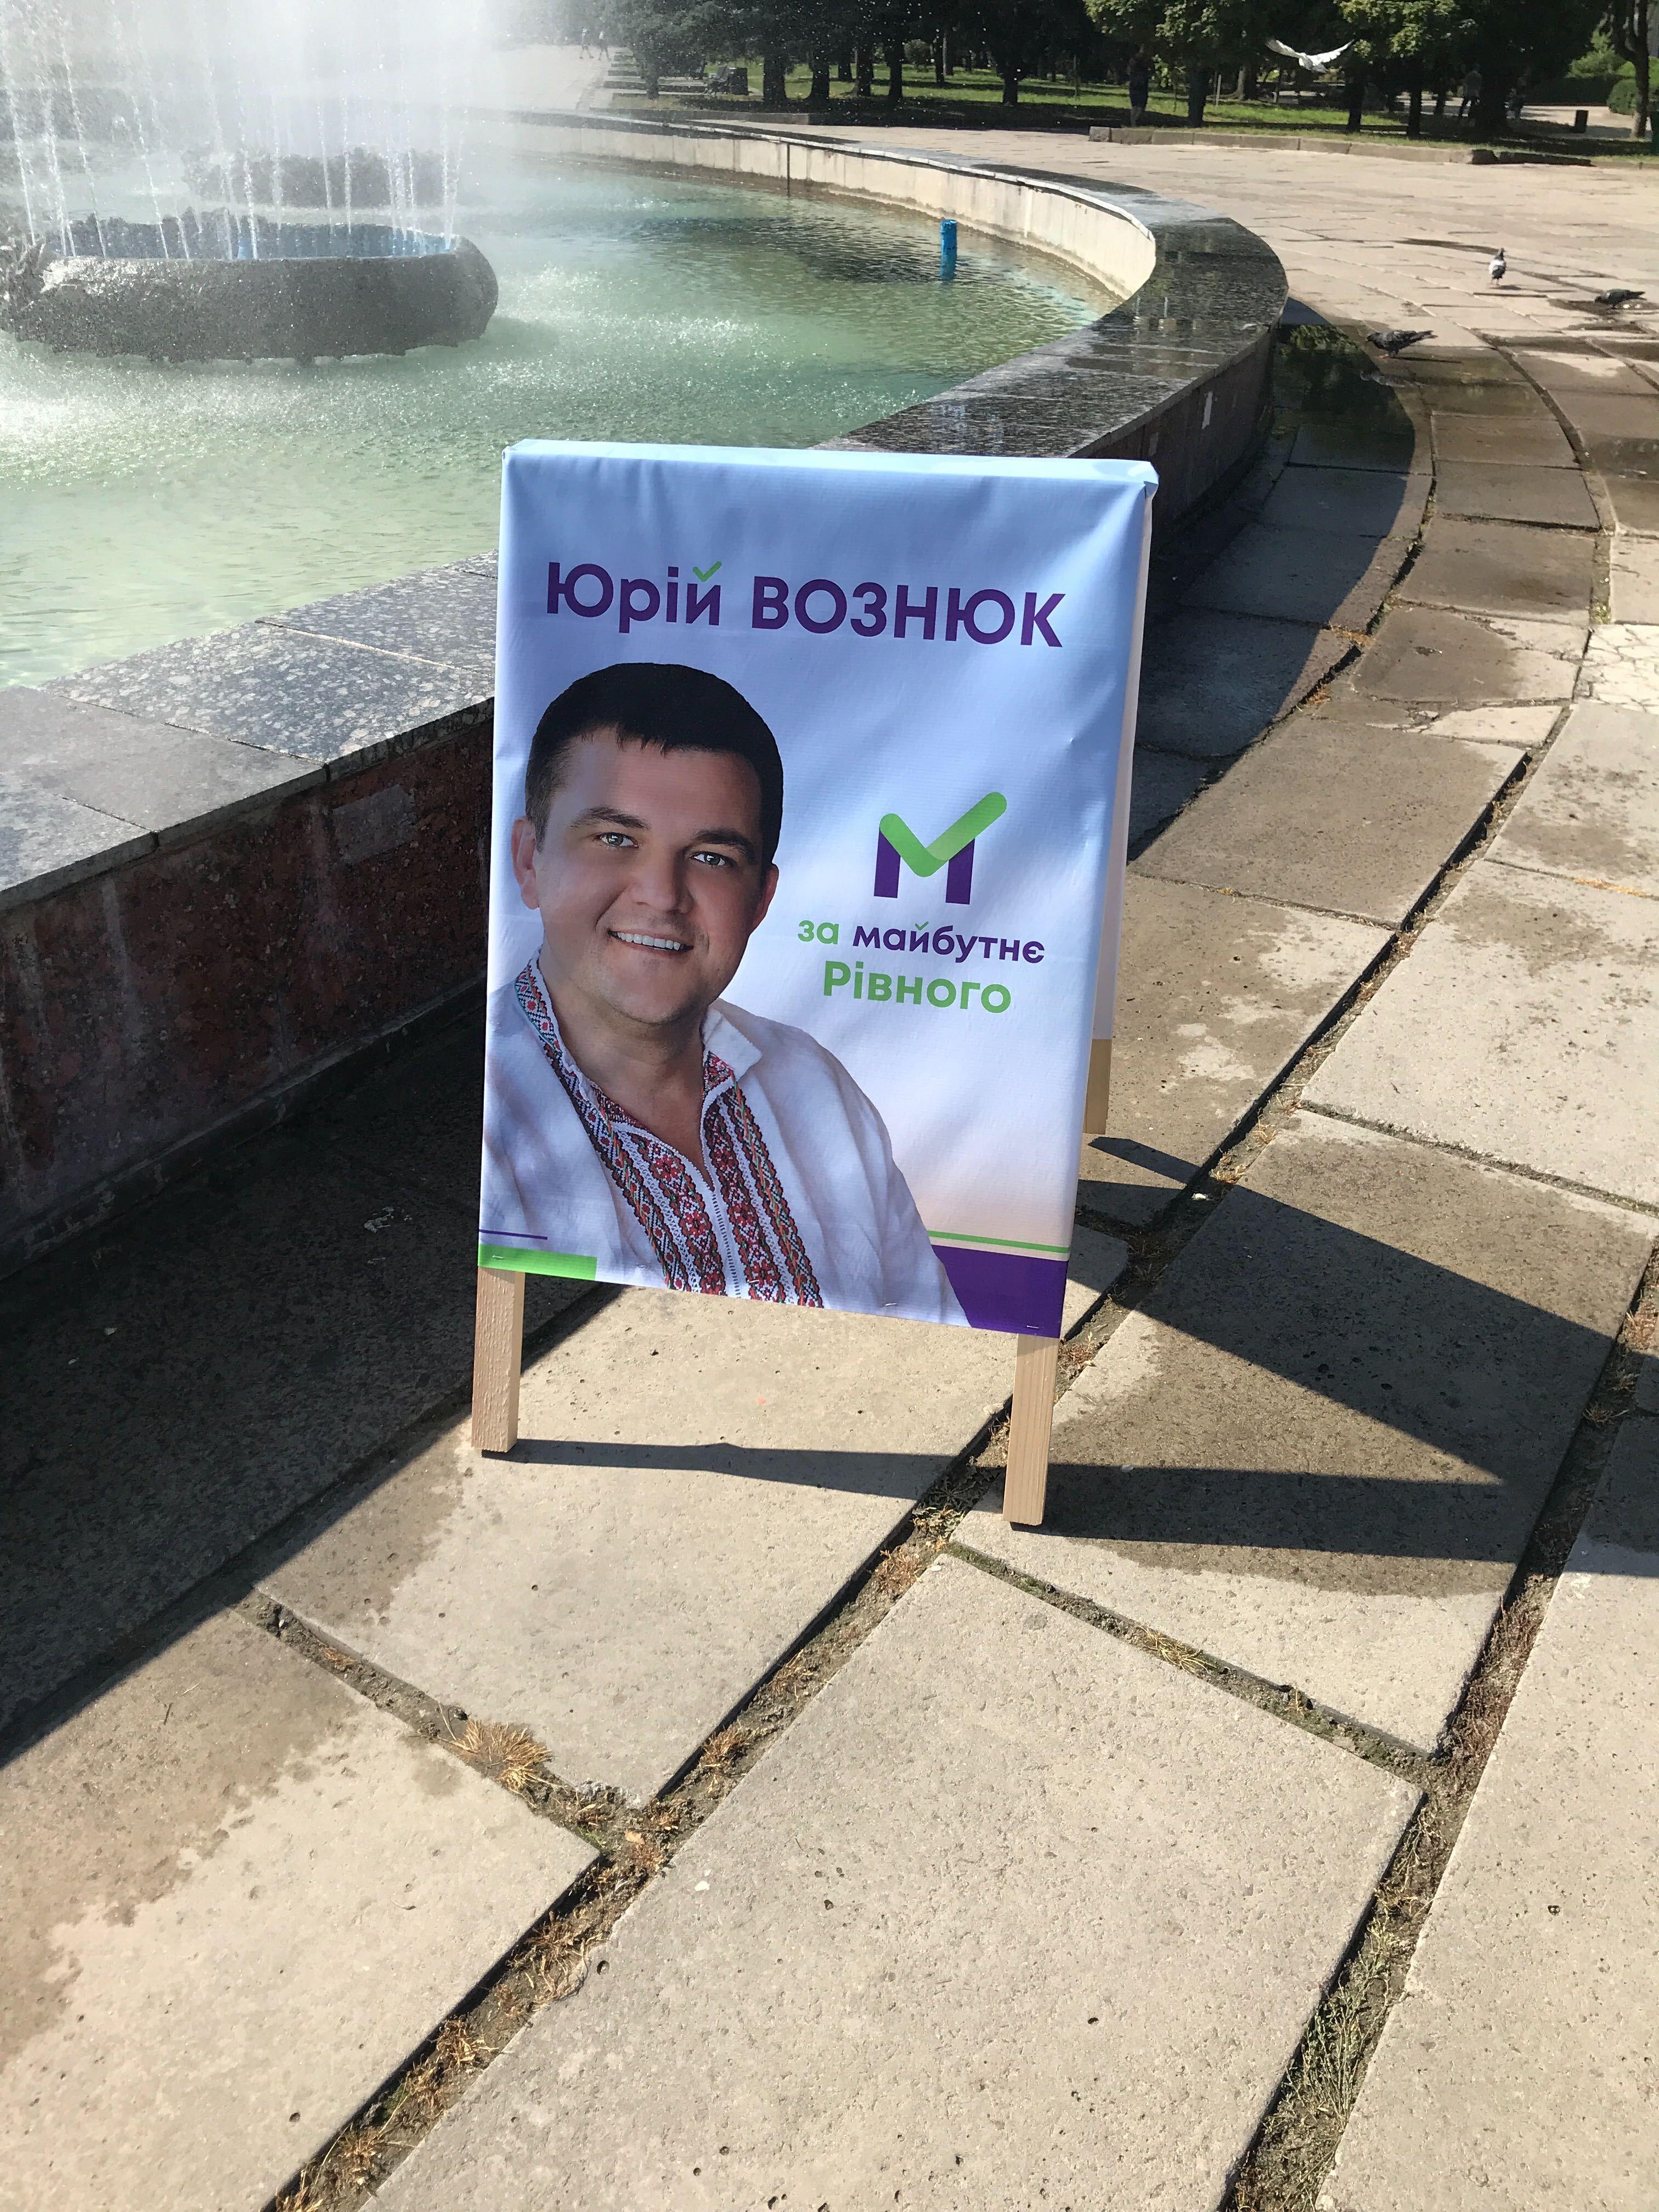 Політреклама двох потенційних кандидатів на міського голову Рівного розміщена з порушеннями благоустрою, фото-6